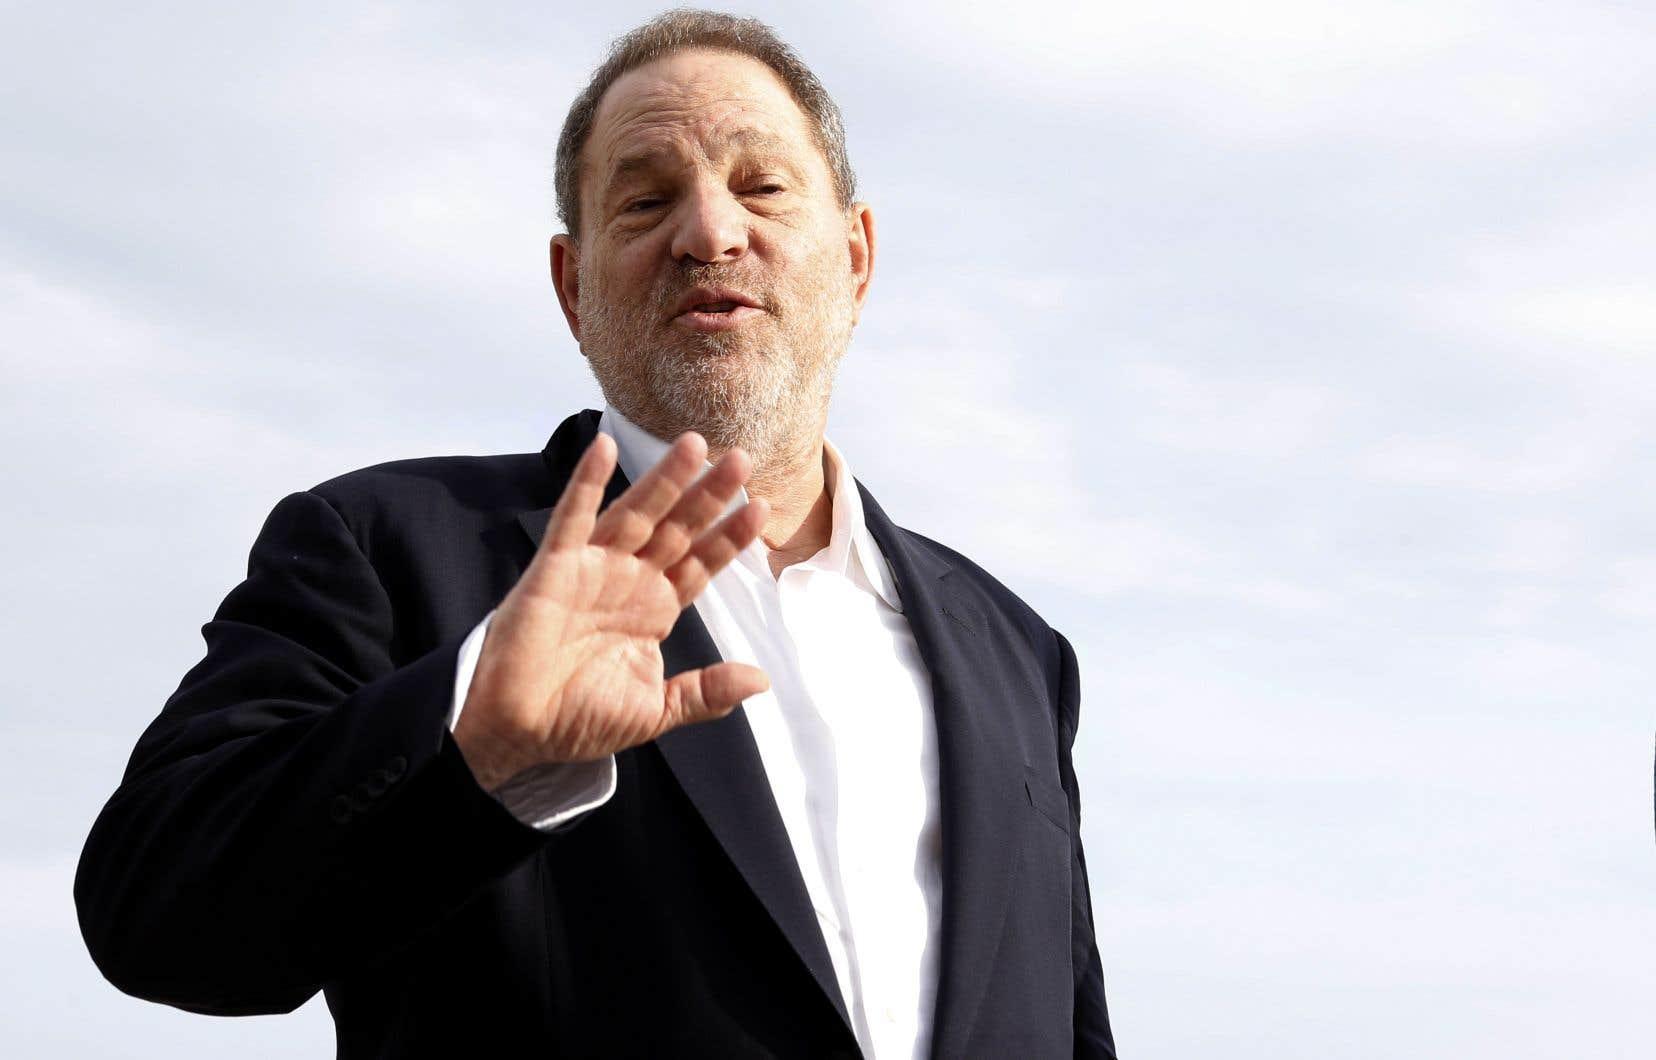 Jusqu'à maintenant, plus de 40 femmes ont accusé Harvey Weinstein, 65 ans, de harcèlement ou d'agression.